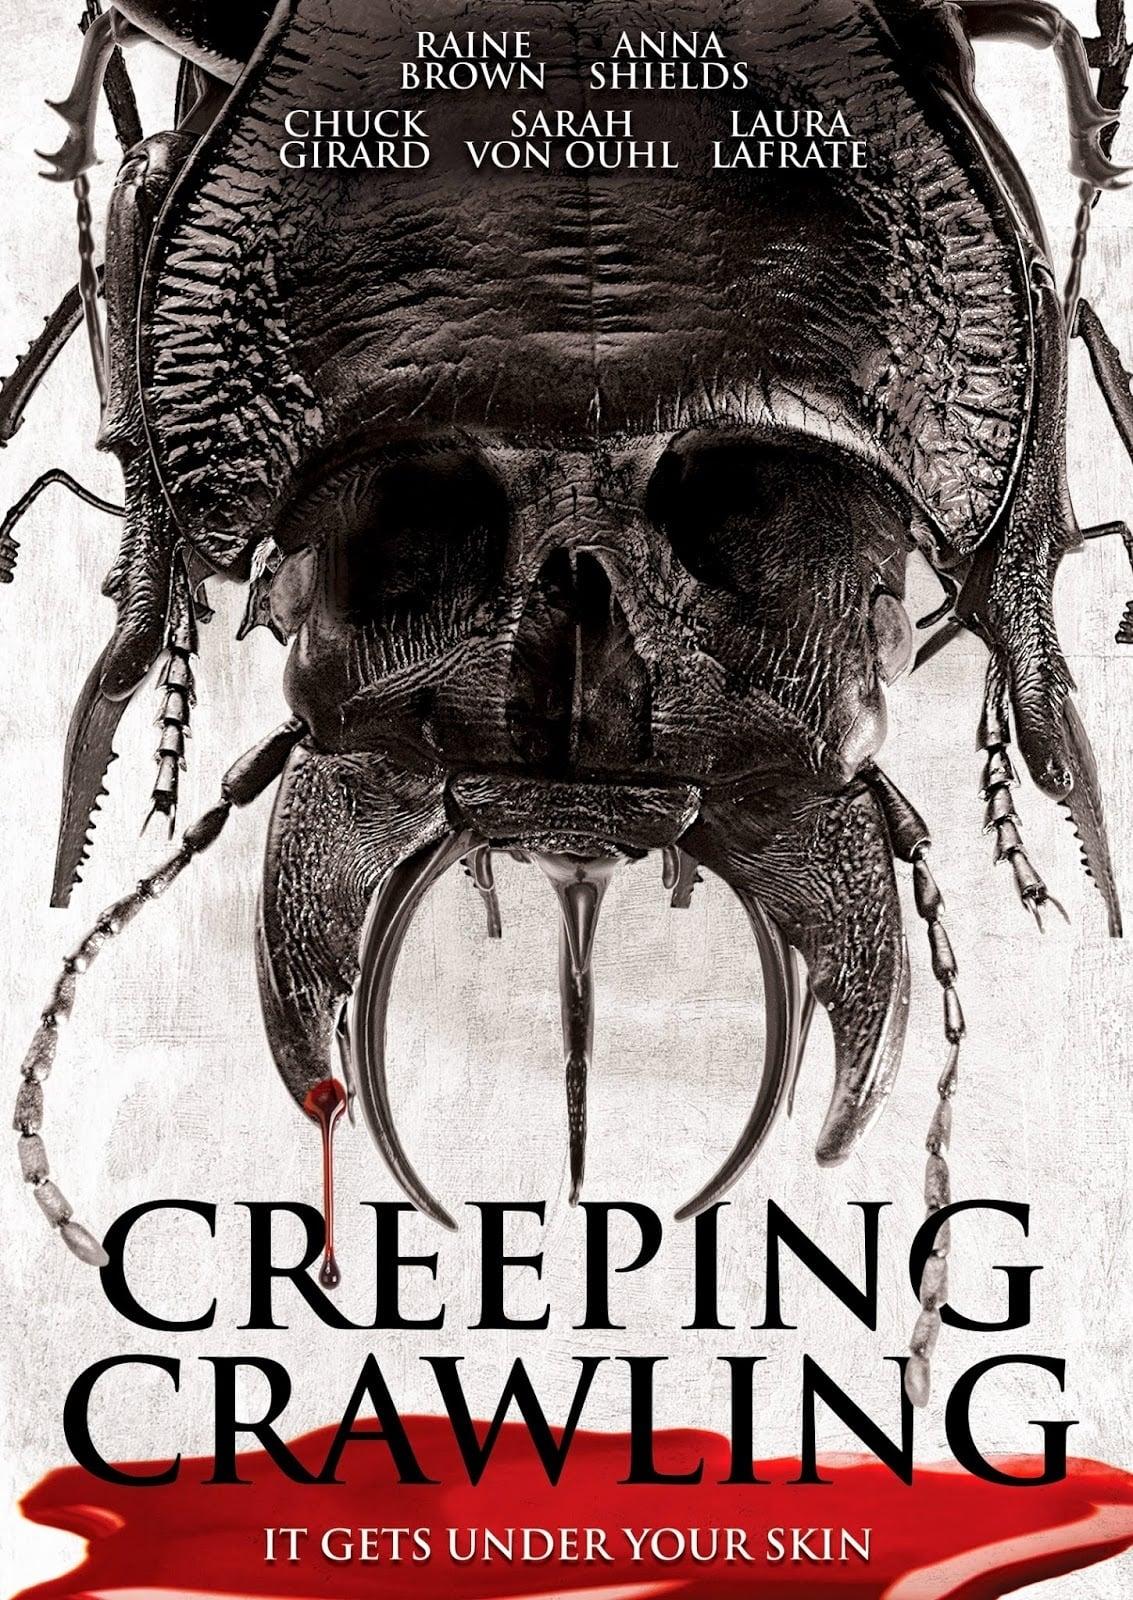 Creeping Crawling (2012)